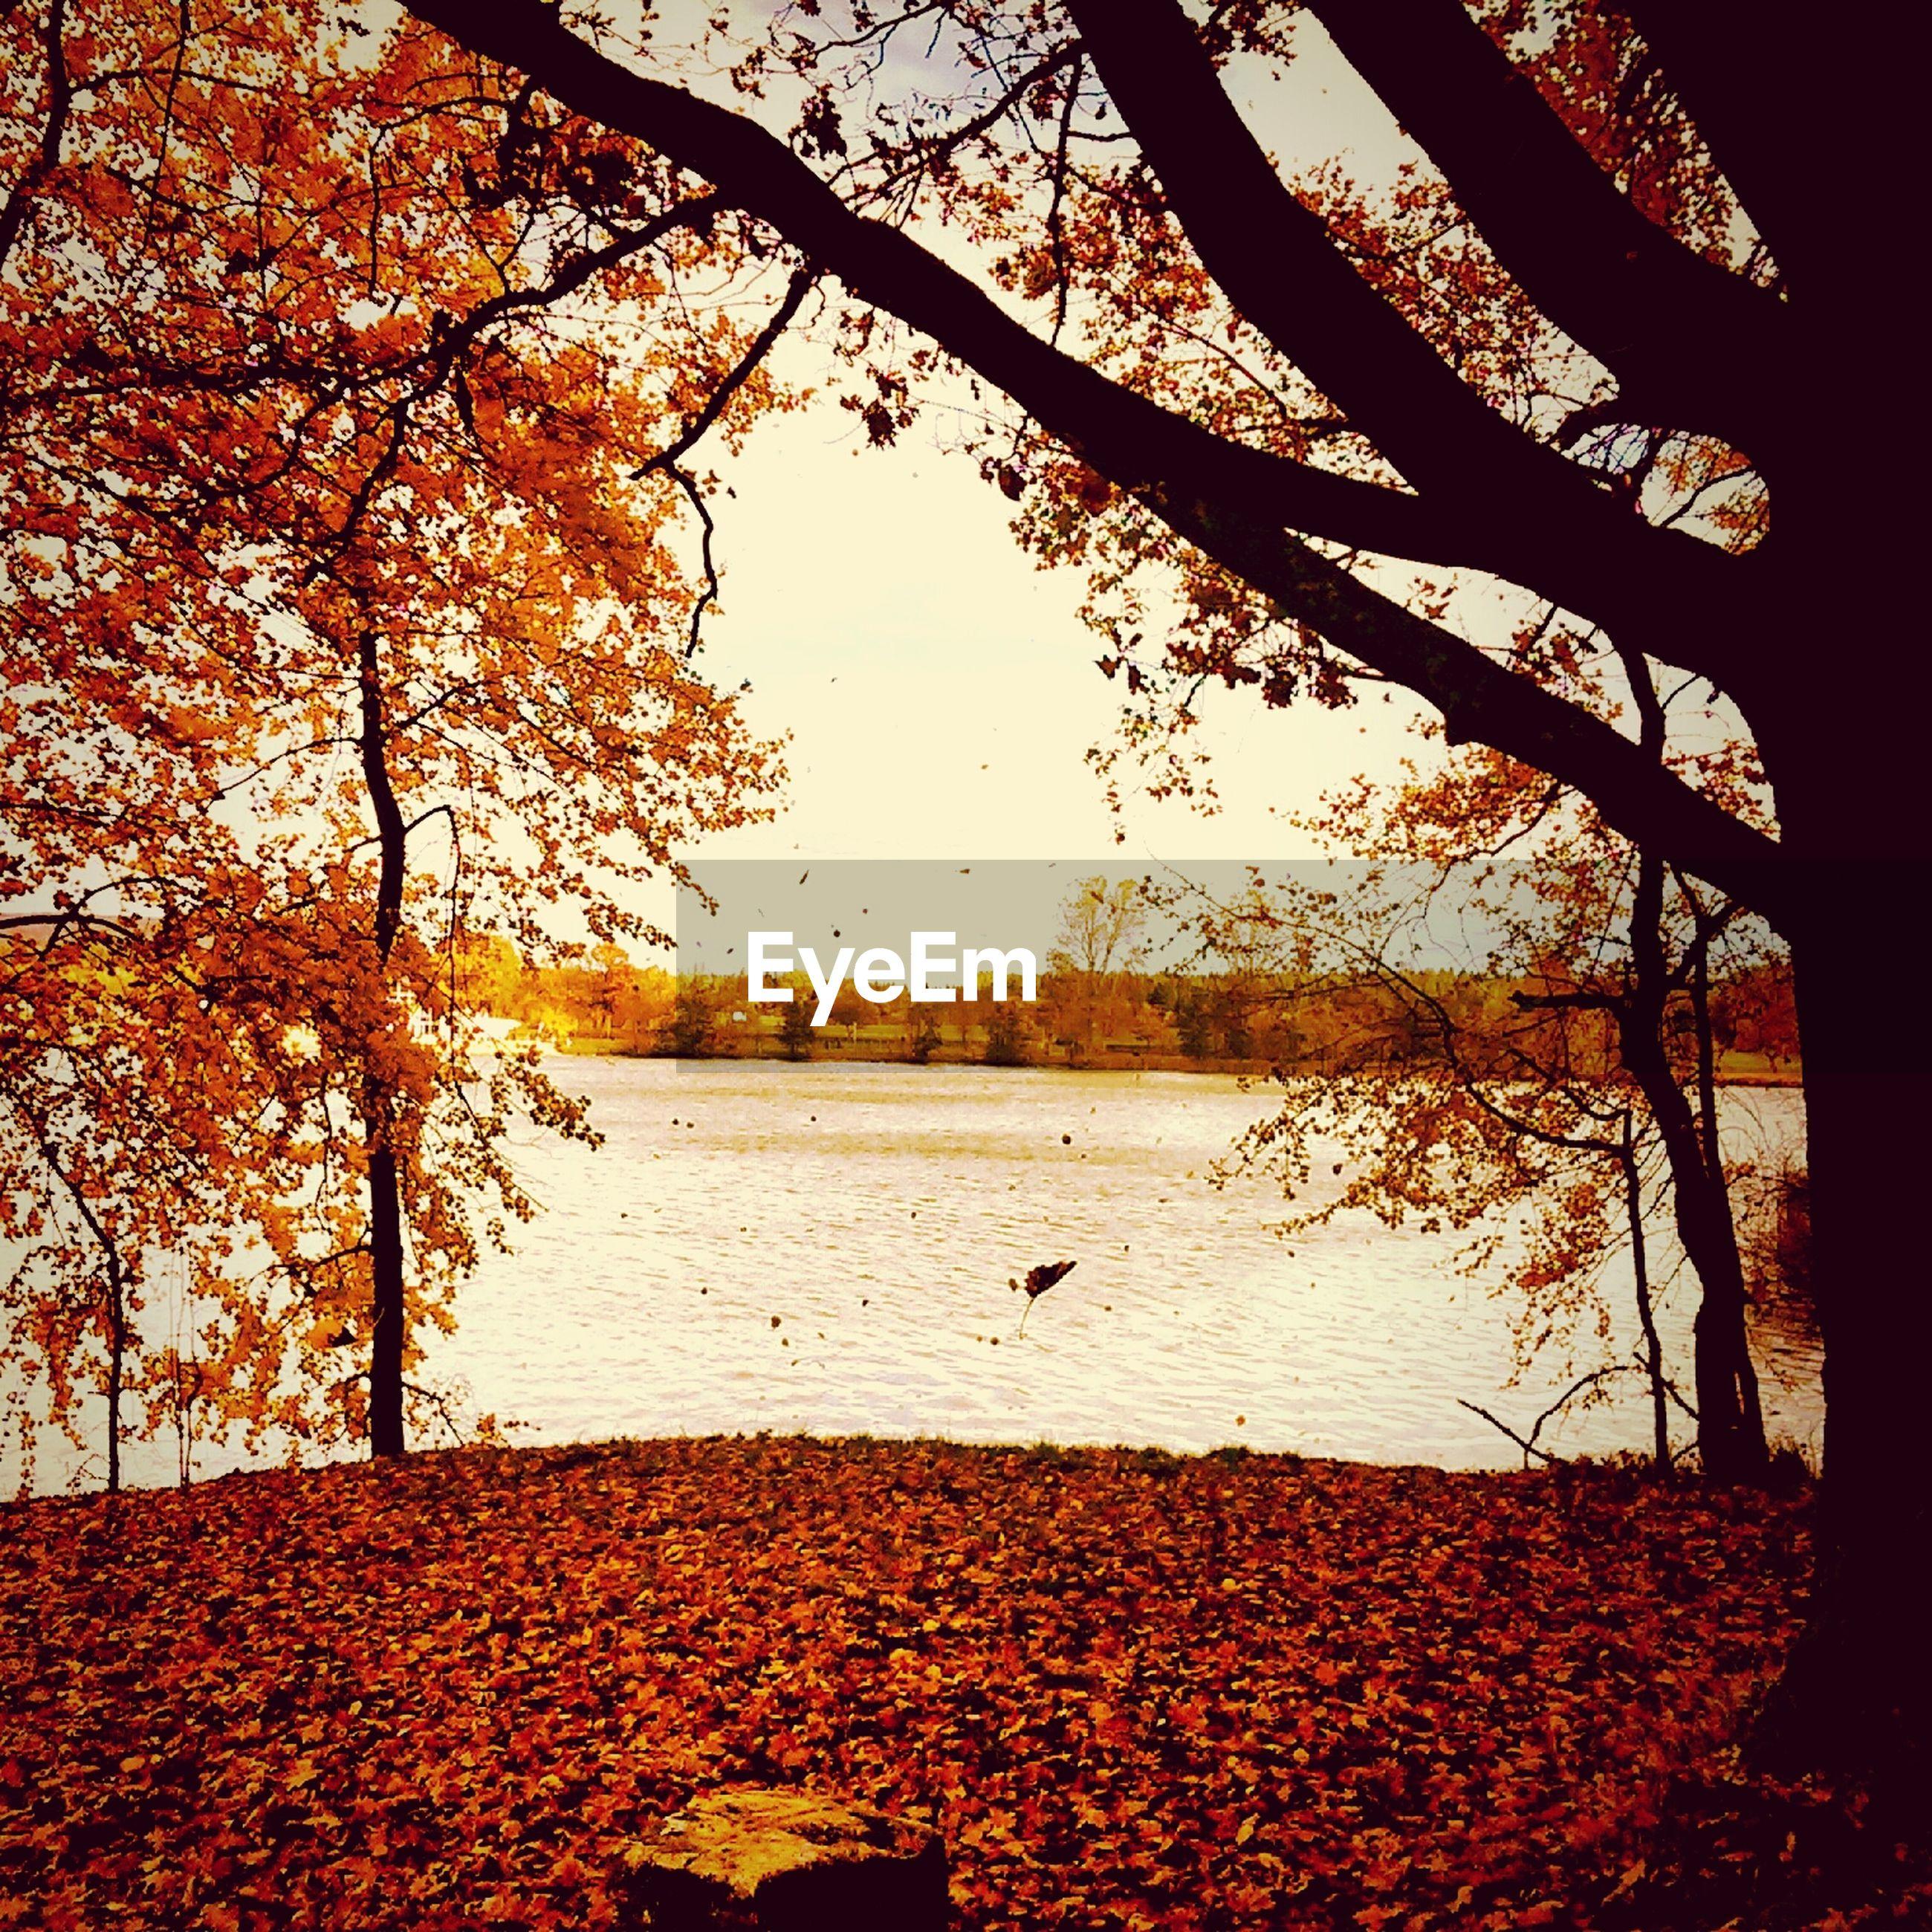 Pond in park in autumn